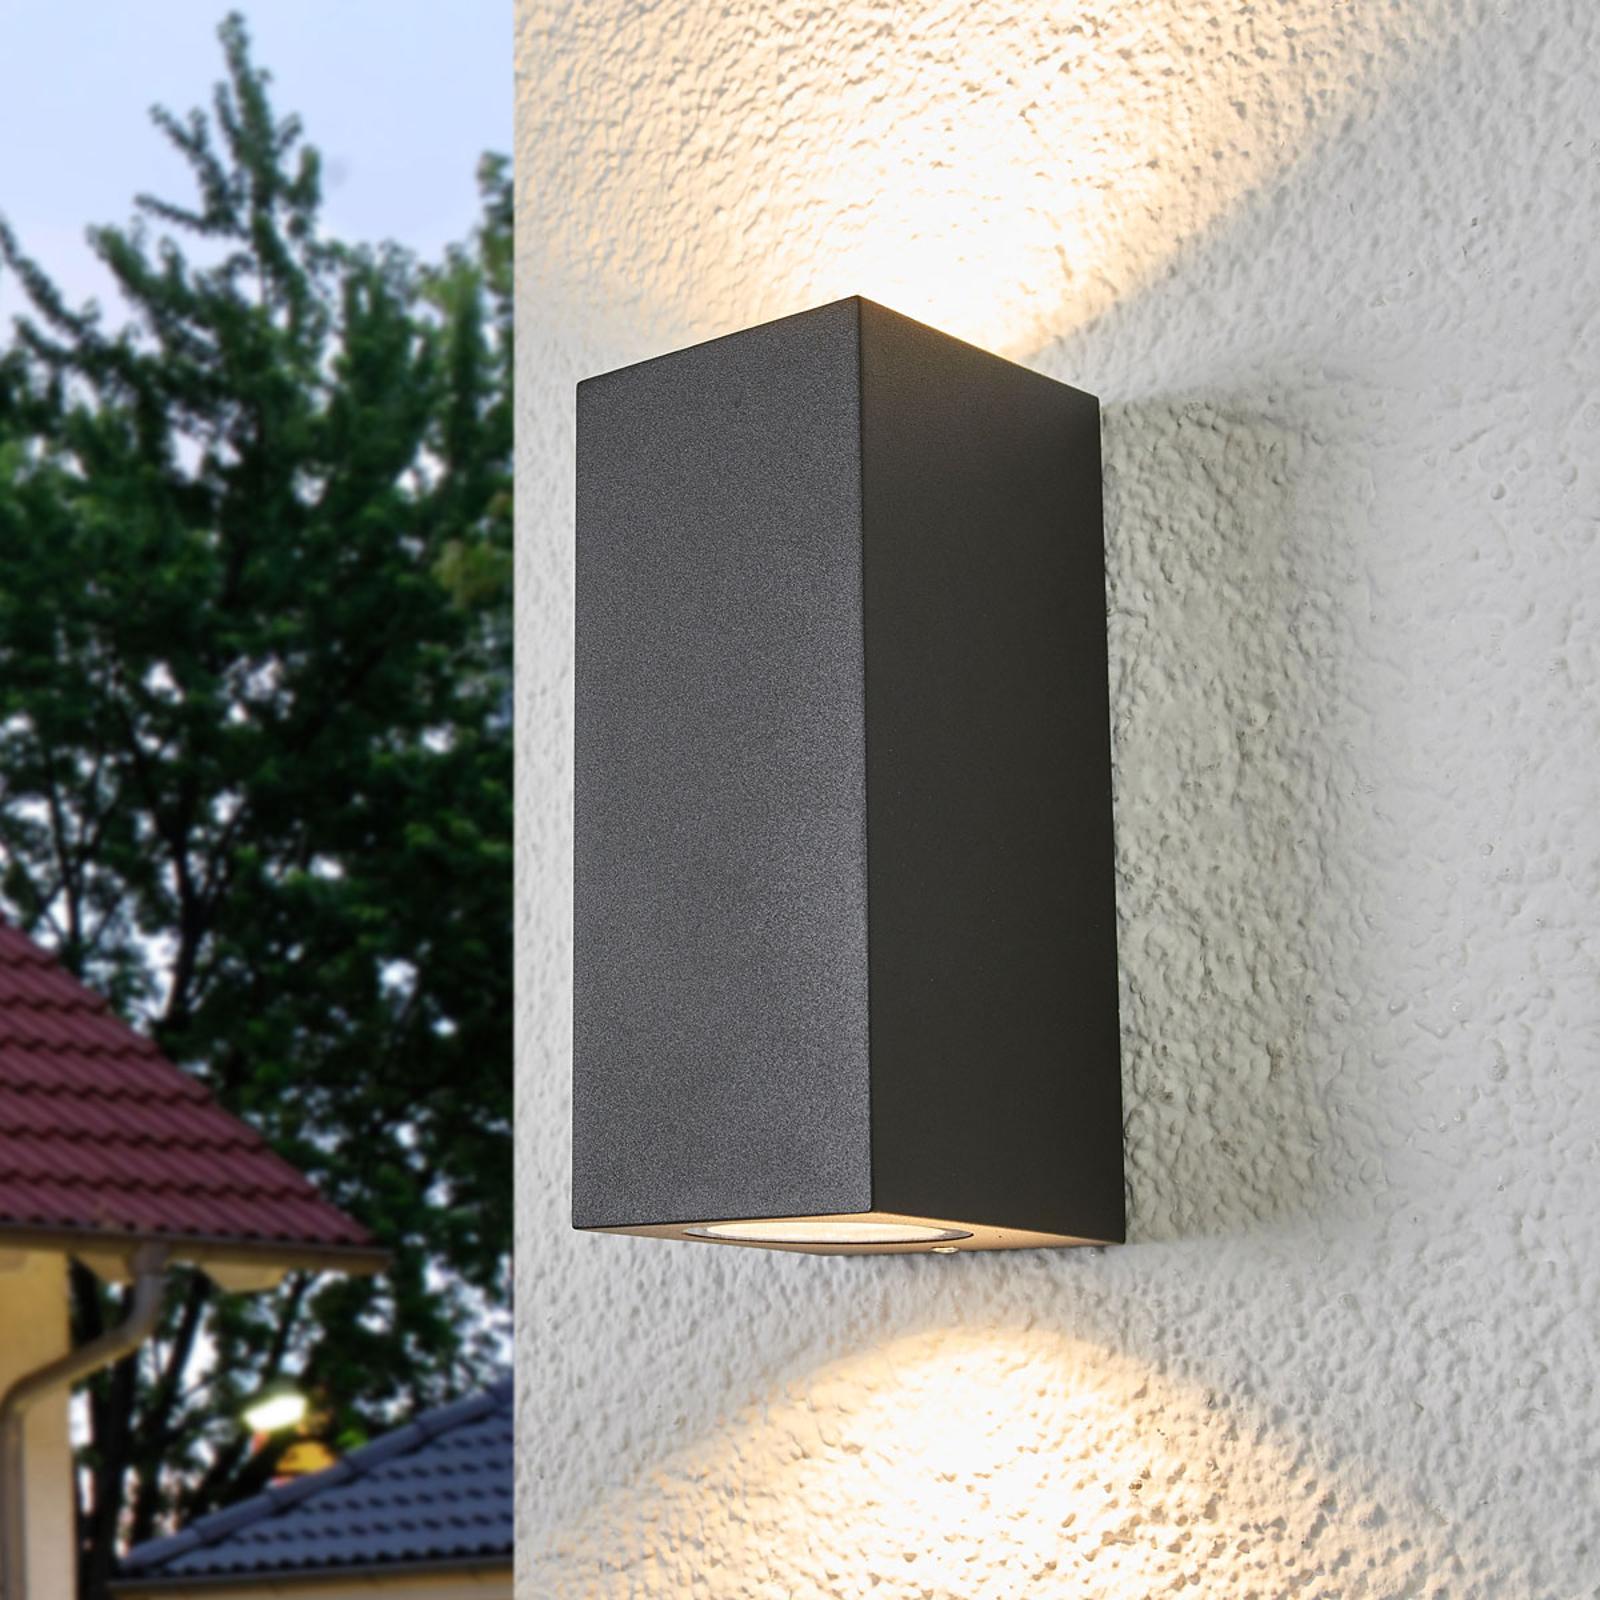 Applique extérieure Xava à 2 lampes, gris graphite